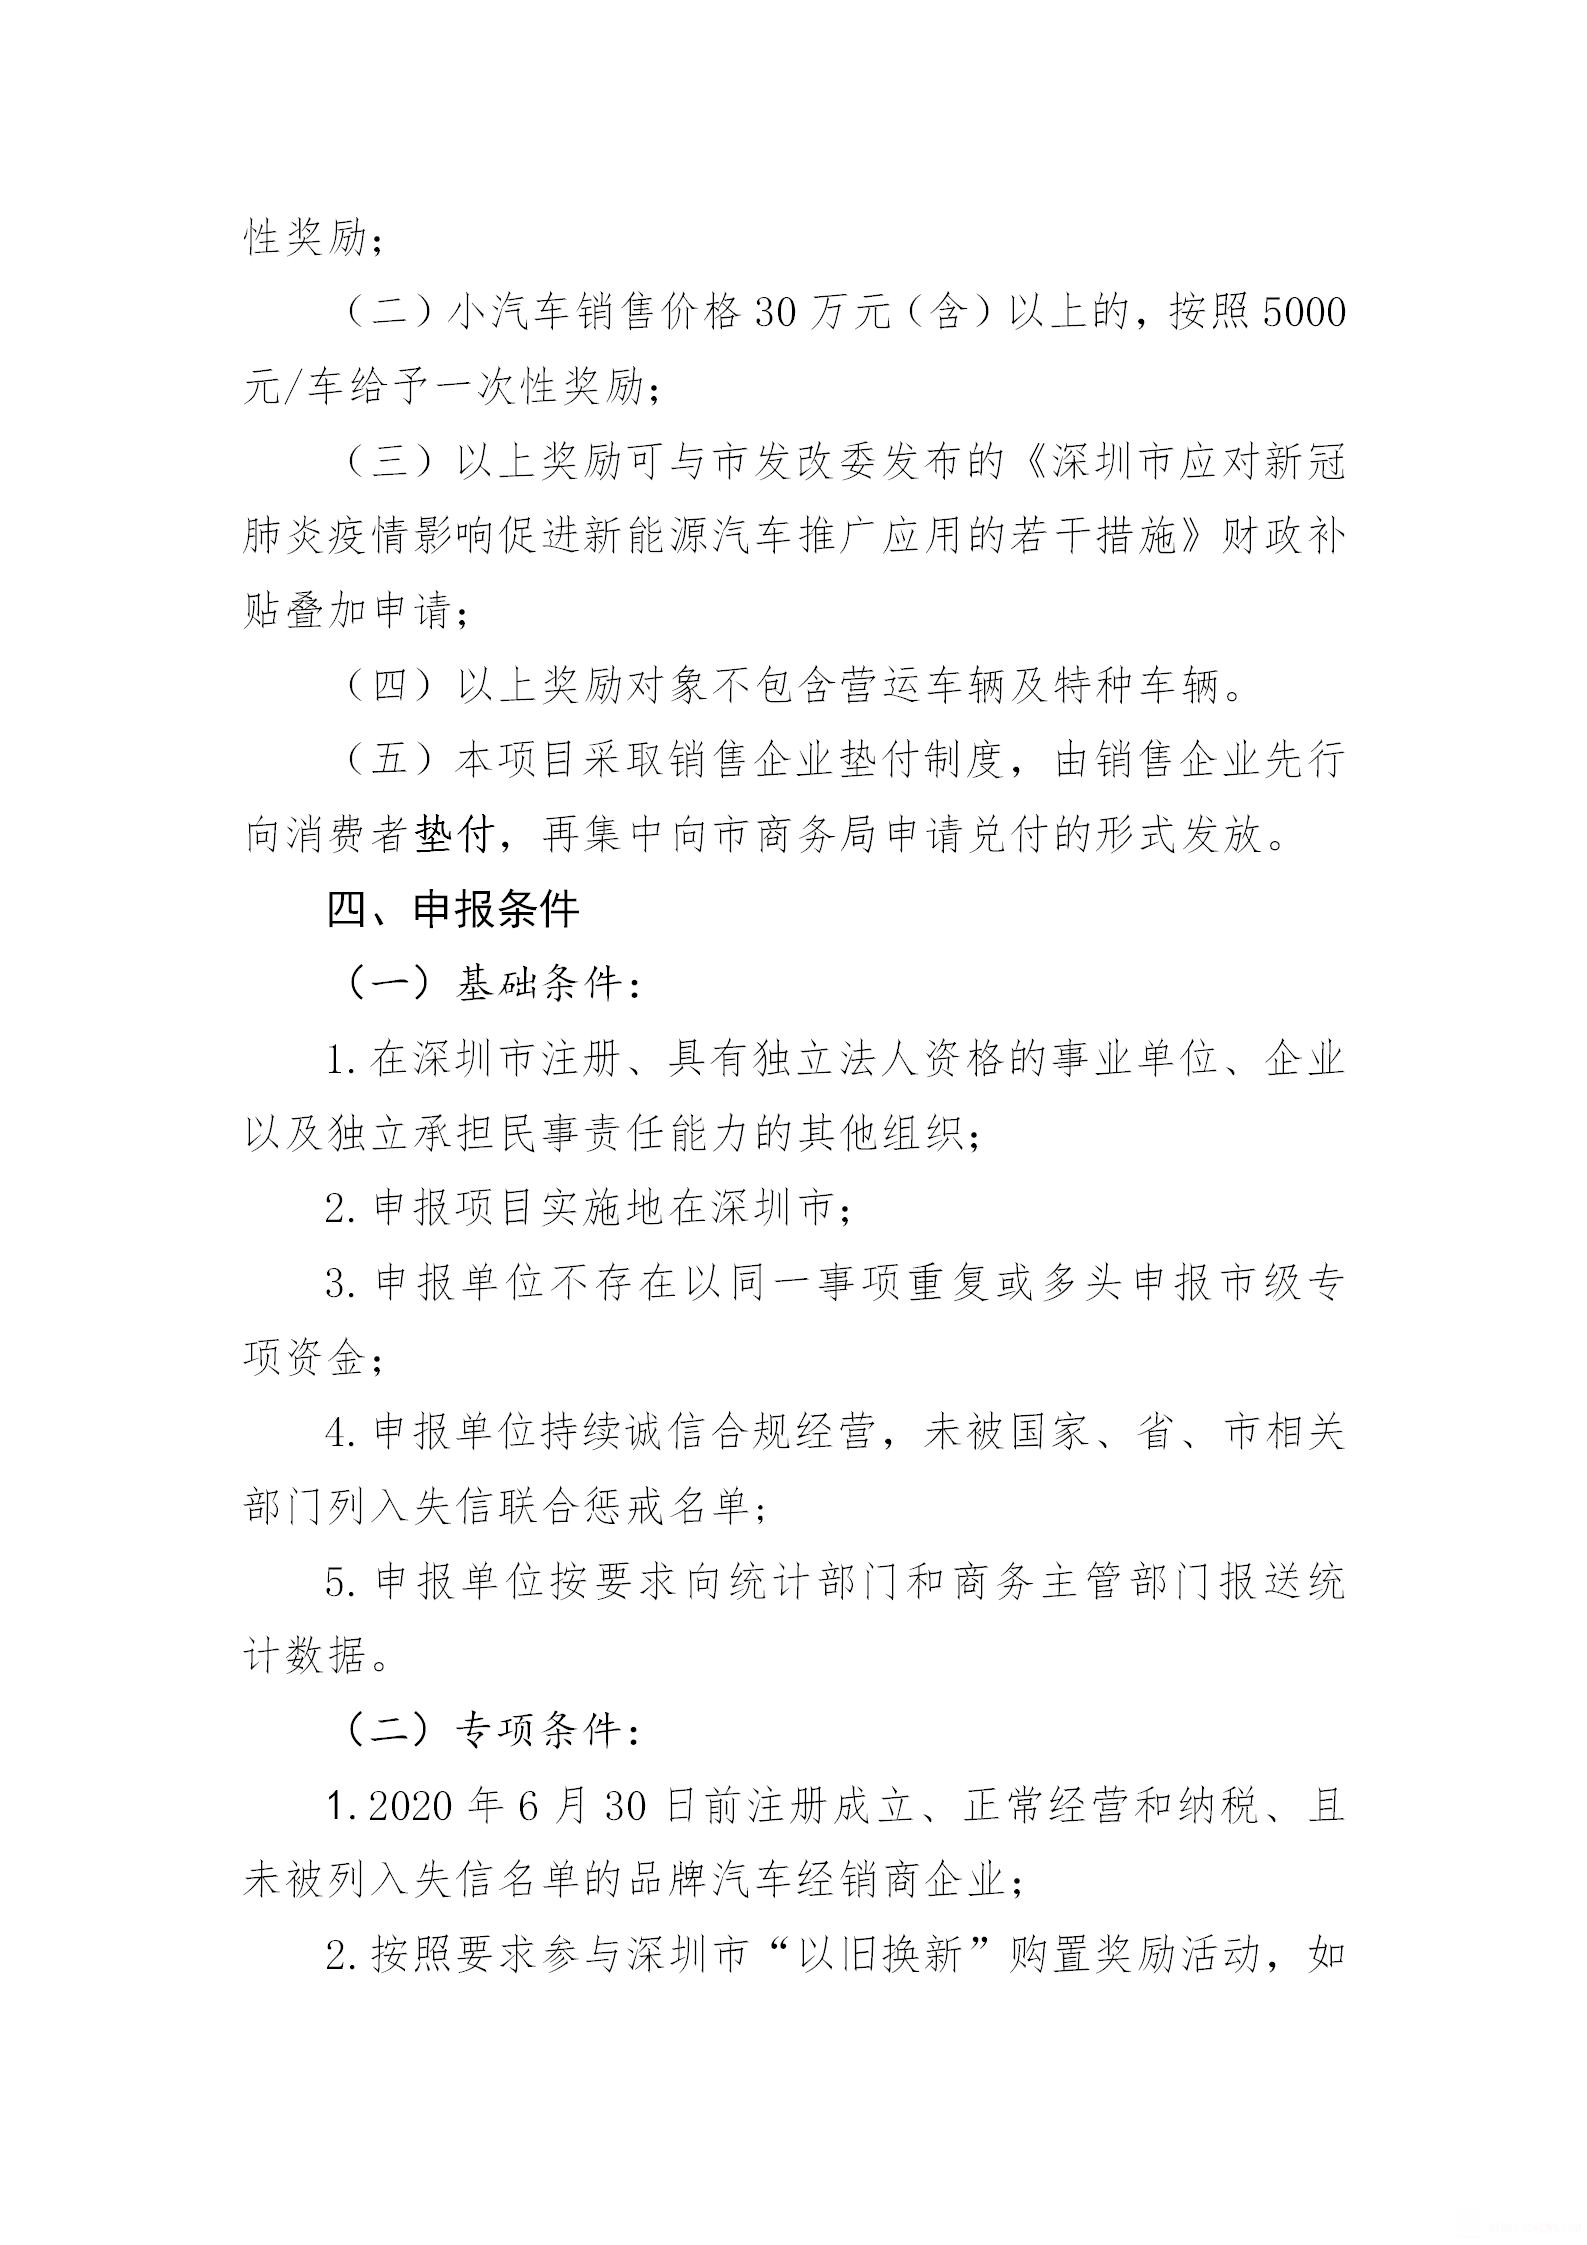 """深圳市""""以旧换新""""汽车购置奖励申请指南_02.png"""